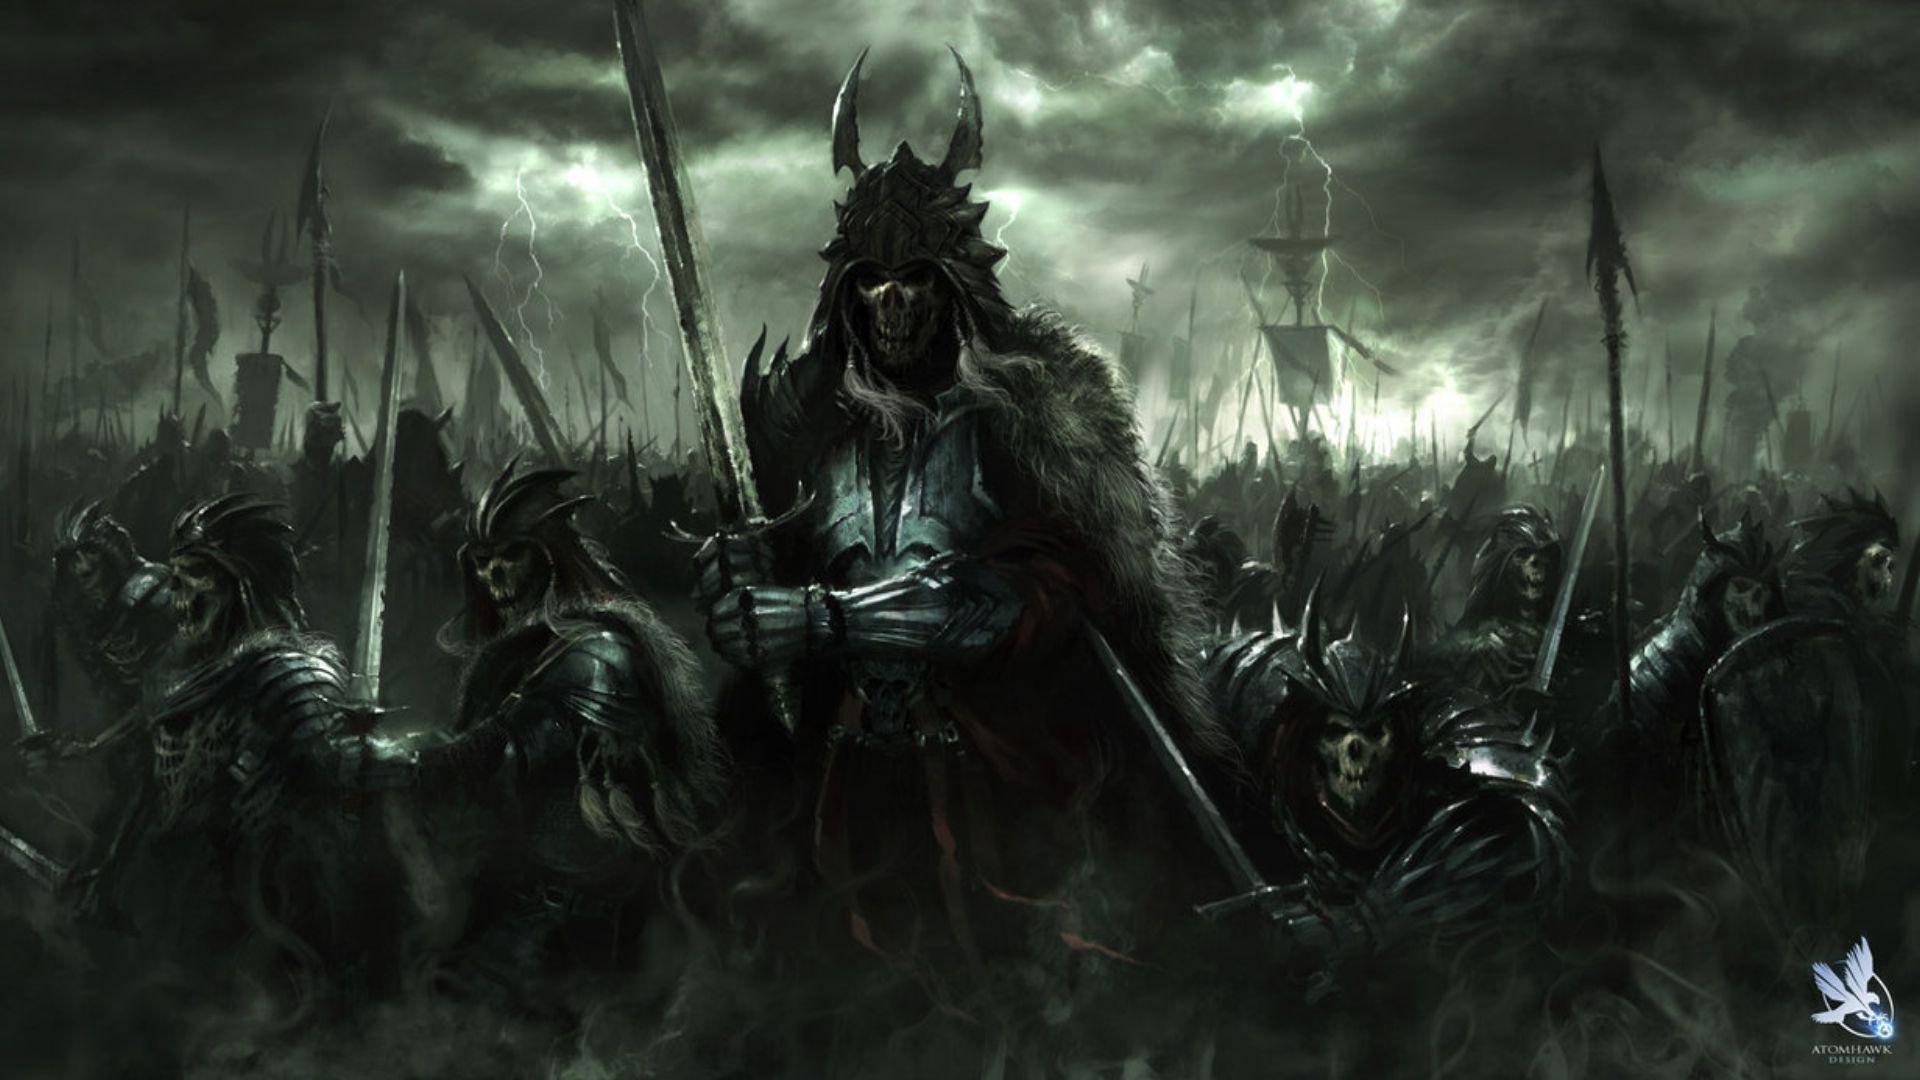 dark art | fantasy art dark horror demon skull warrior ...